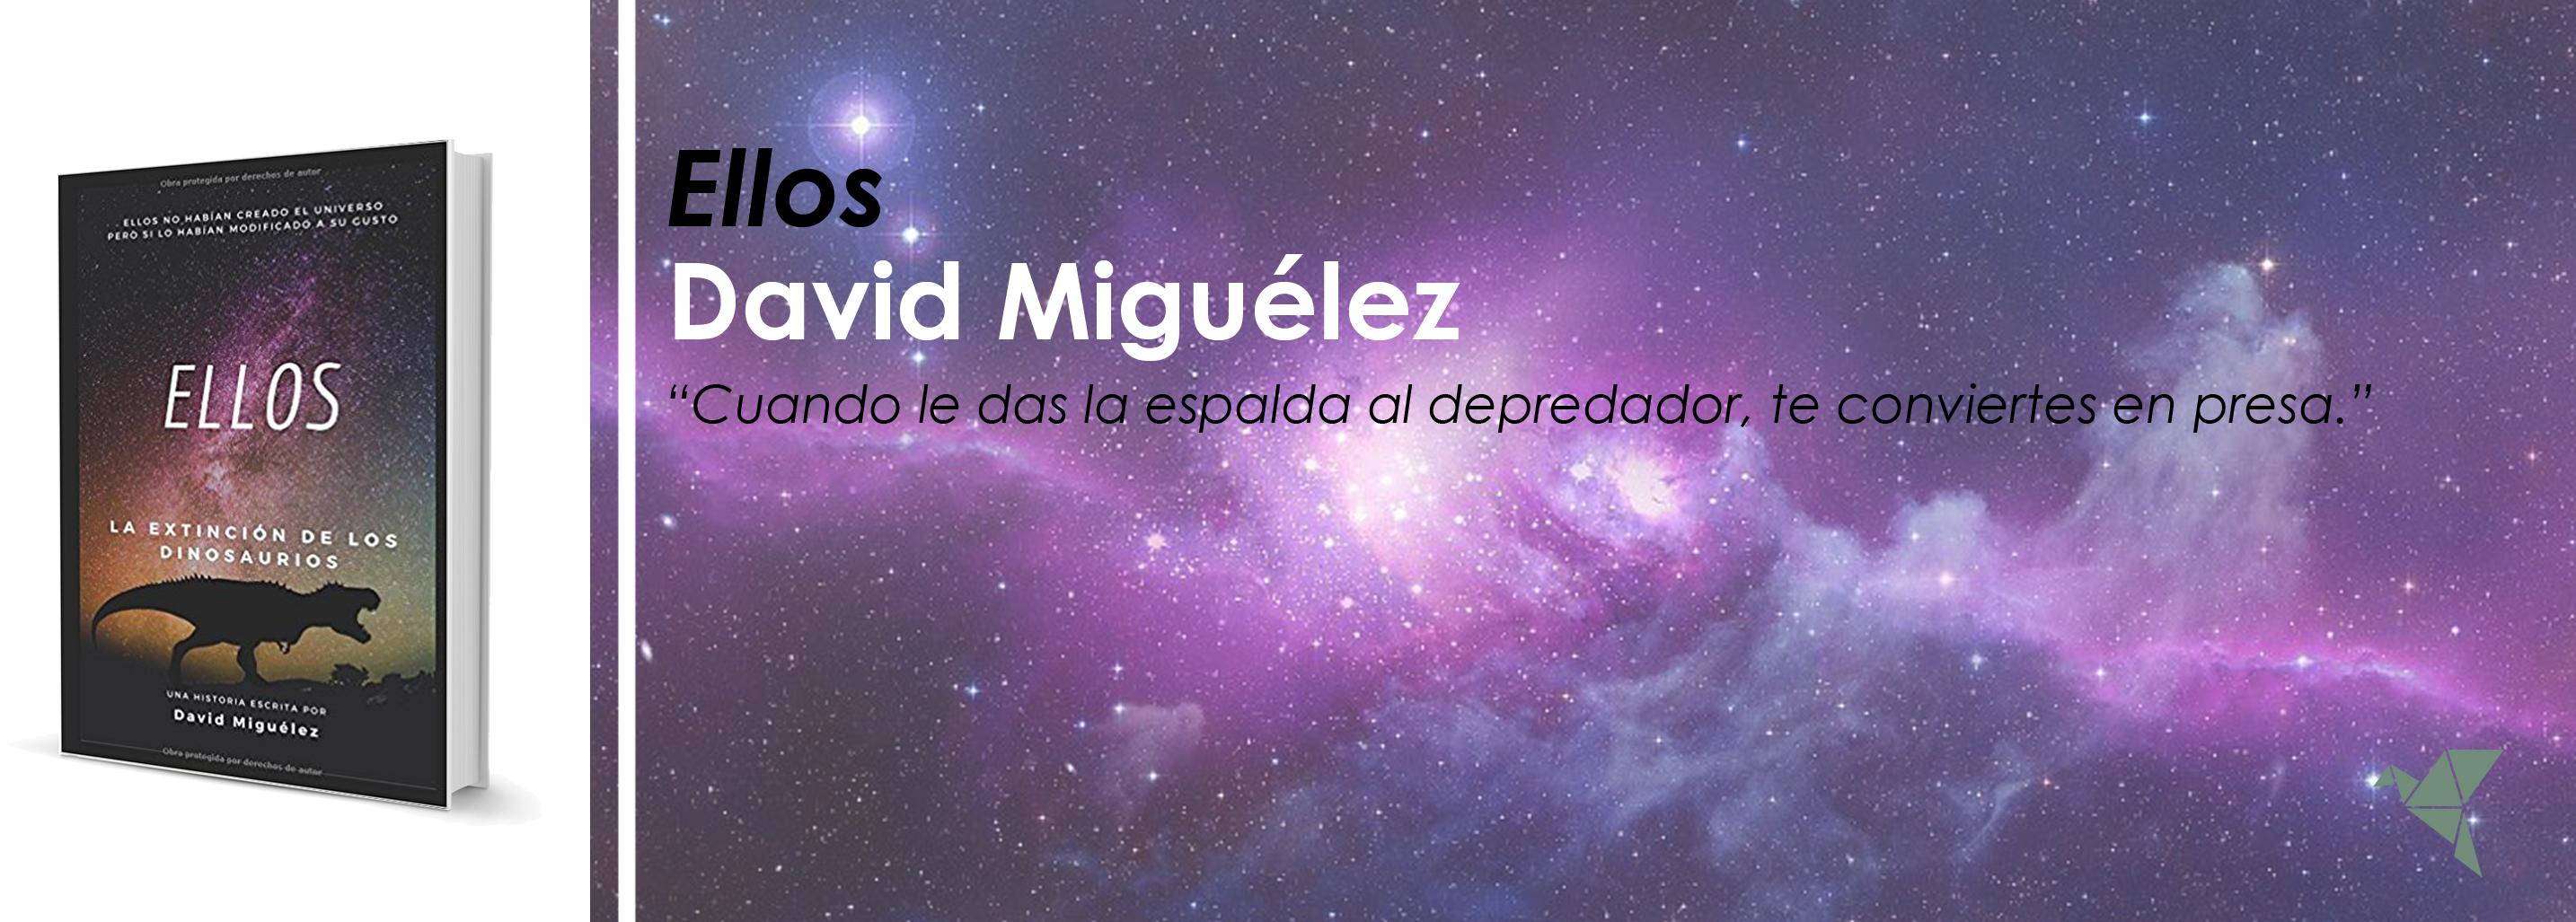 Ellos, de David Miguélez Alegre